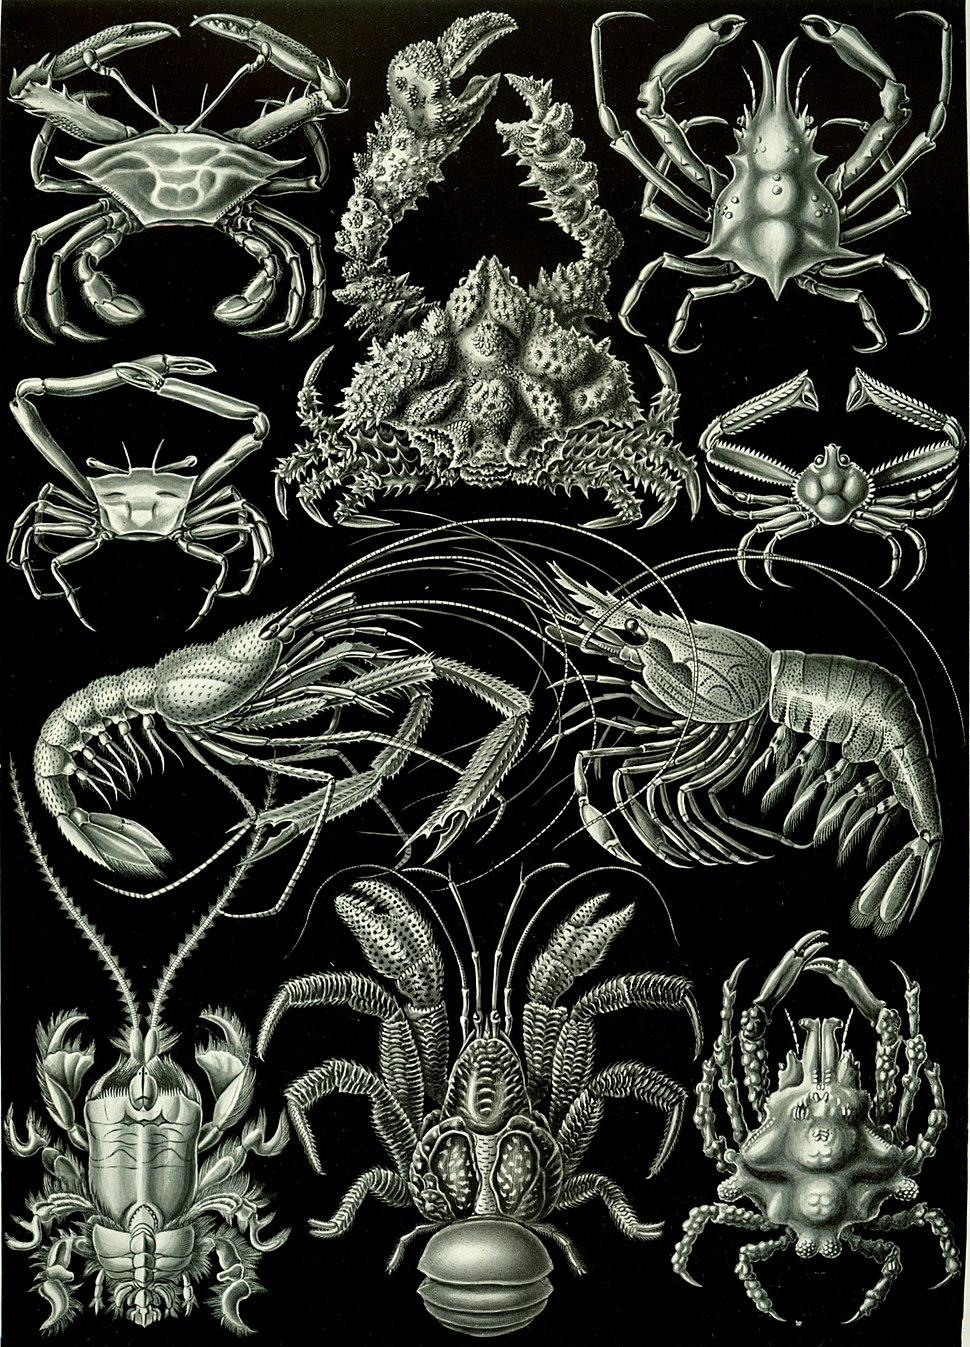 Haeckel Decapoda